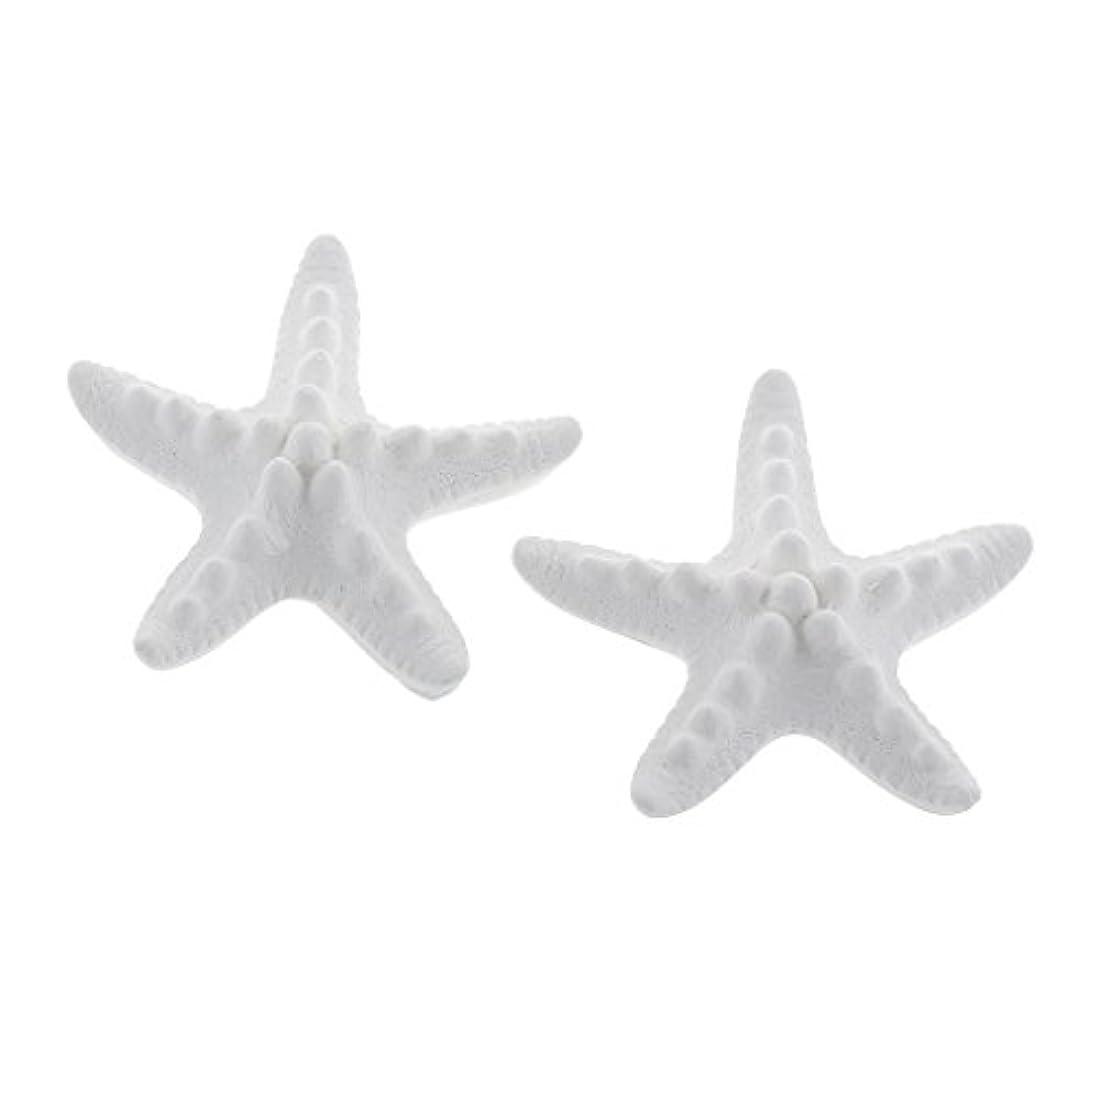 エッセンスデコレーション良性家の装飾のための2個のSeastarの香りの芳香の石DIYの精油の拡散器